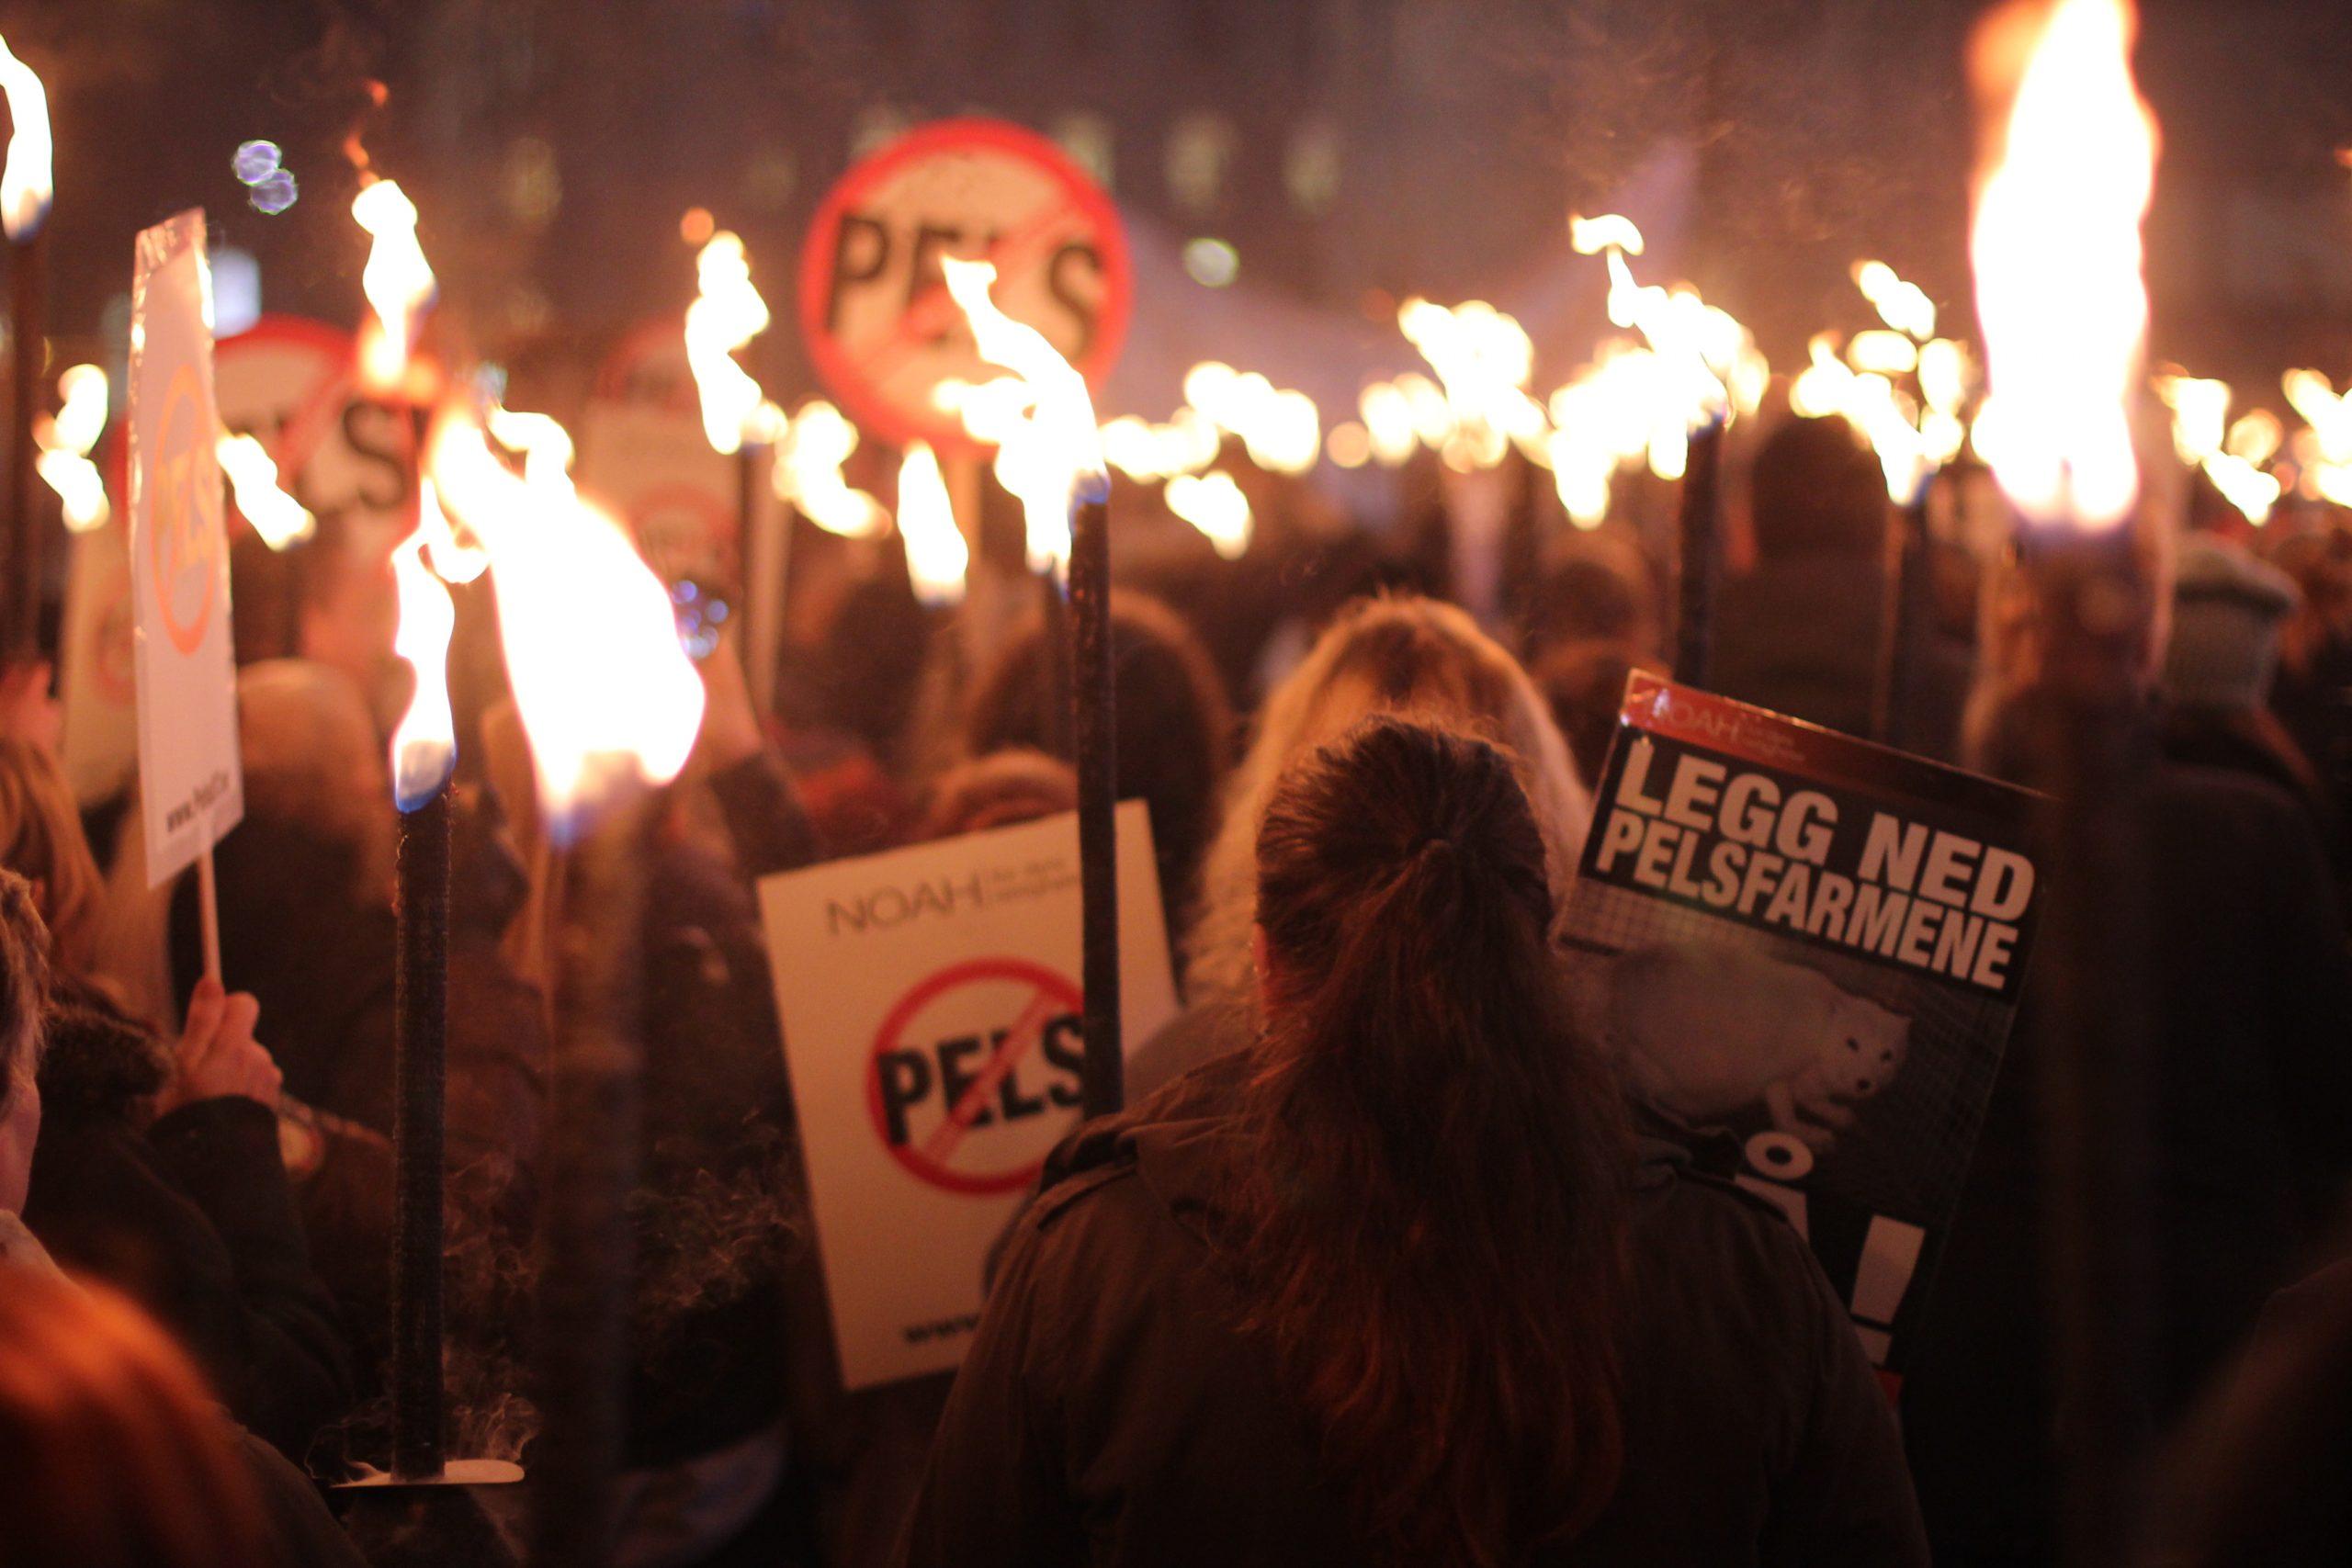 Bilde viser NOAHS fakkeltog og demonstrasjon mot pelsdyroppdrett